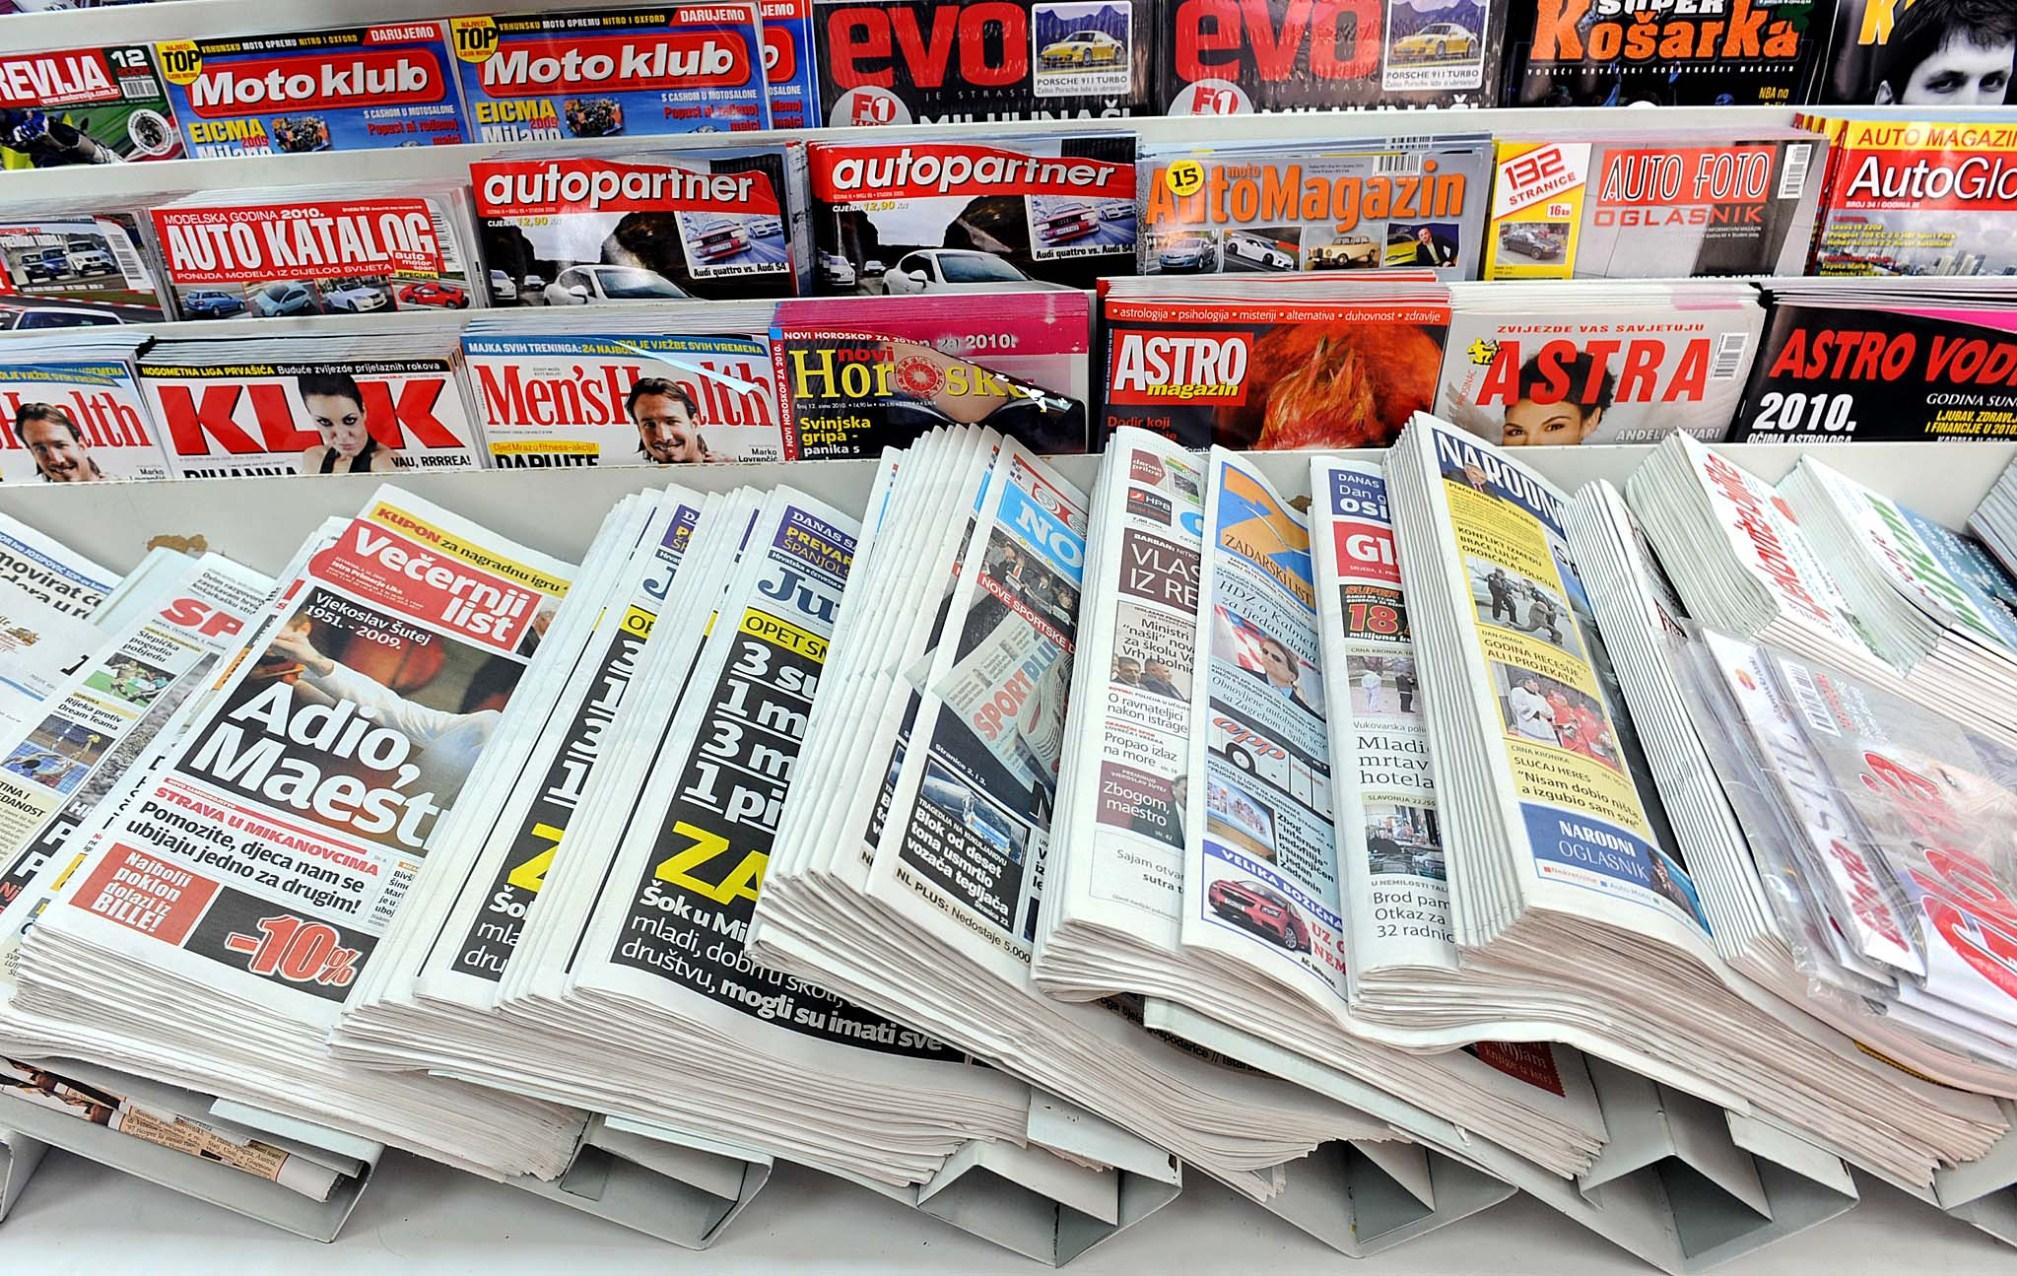 Posjet novinama po izboru